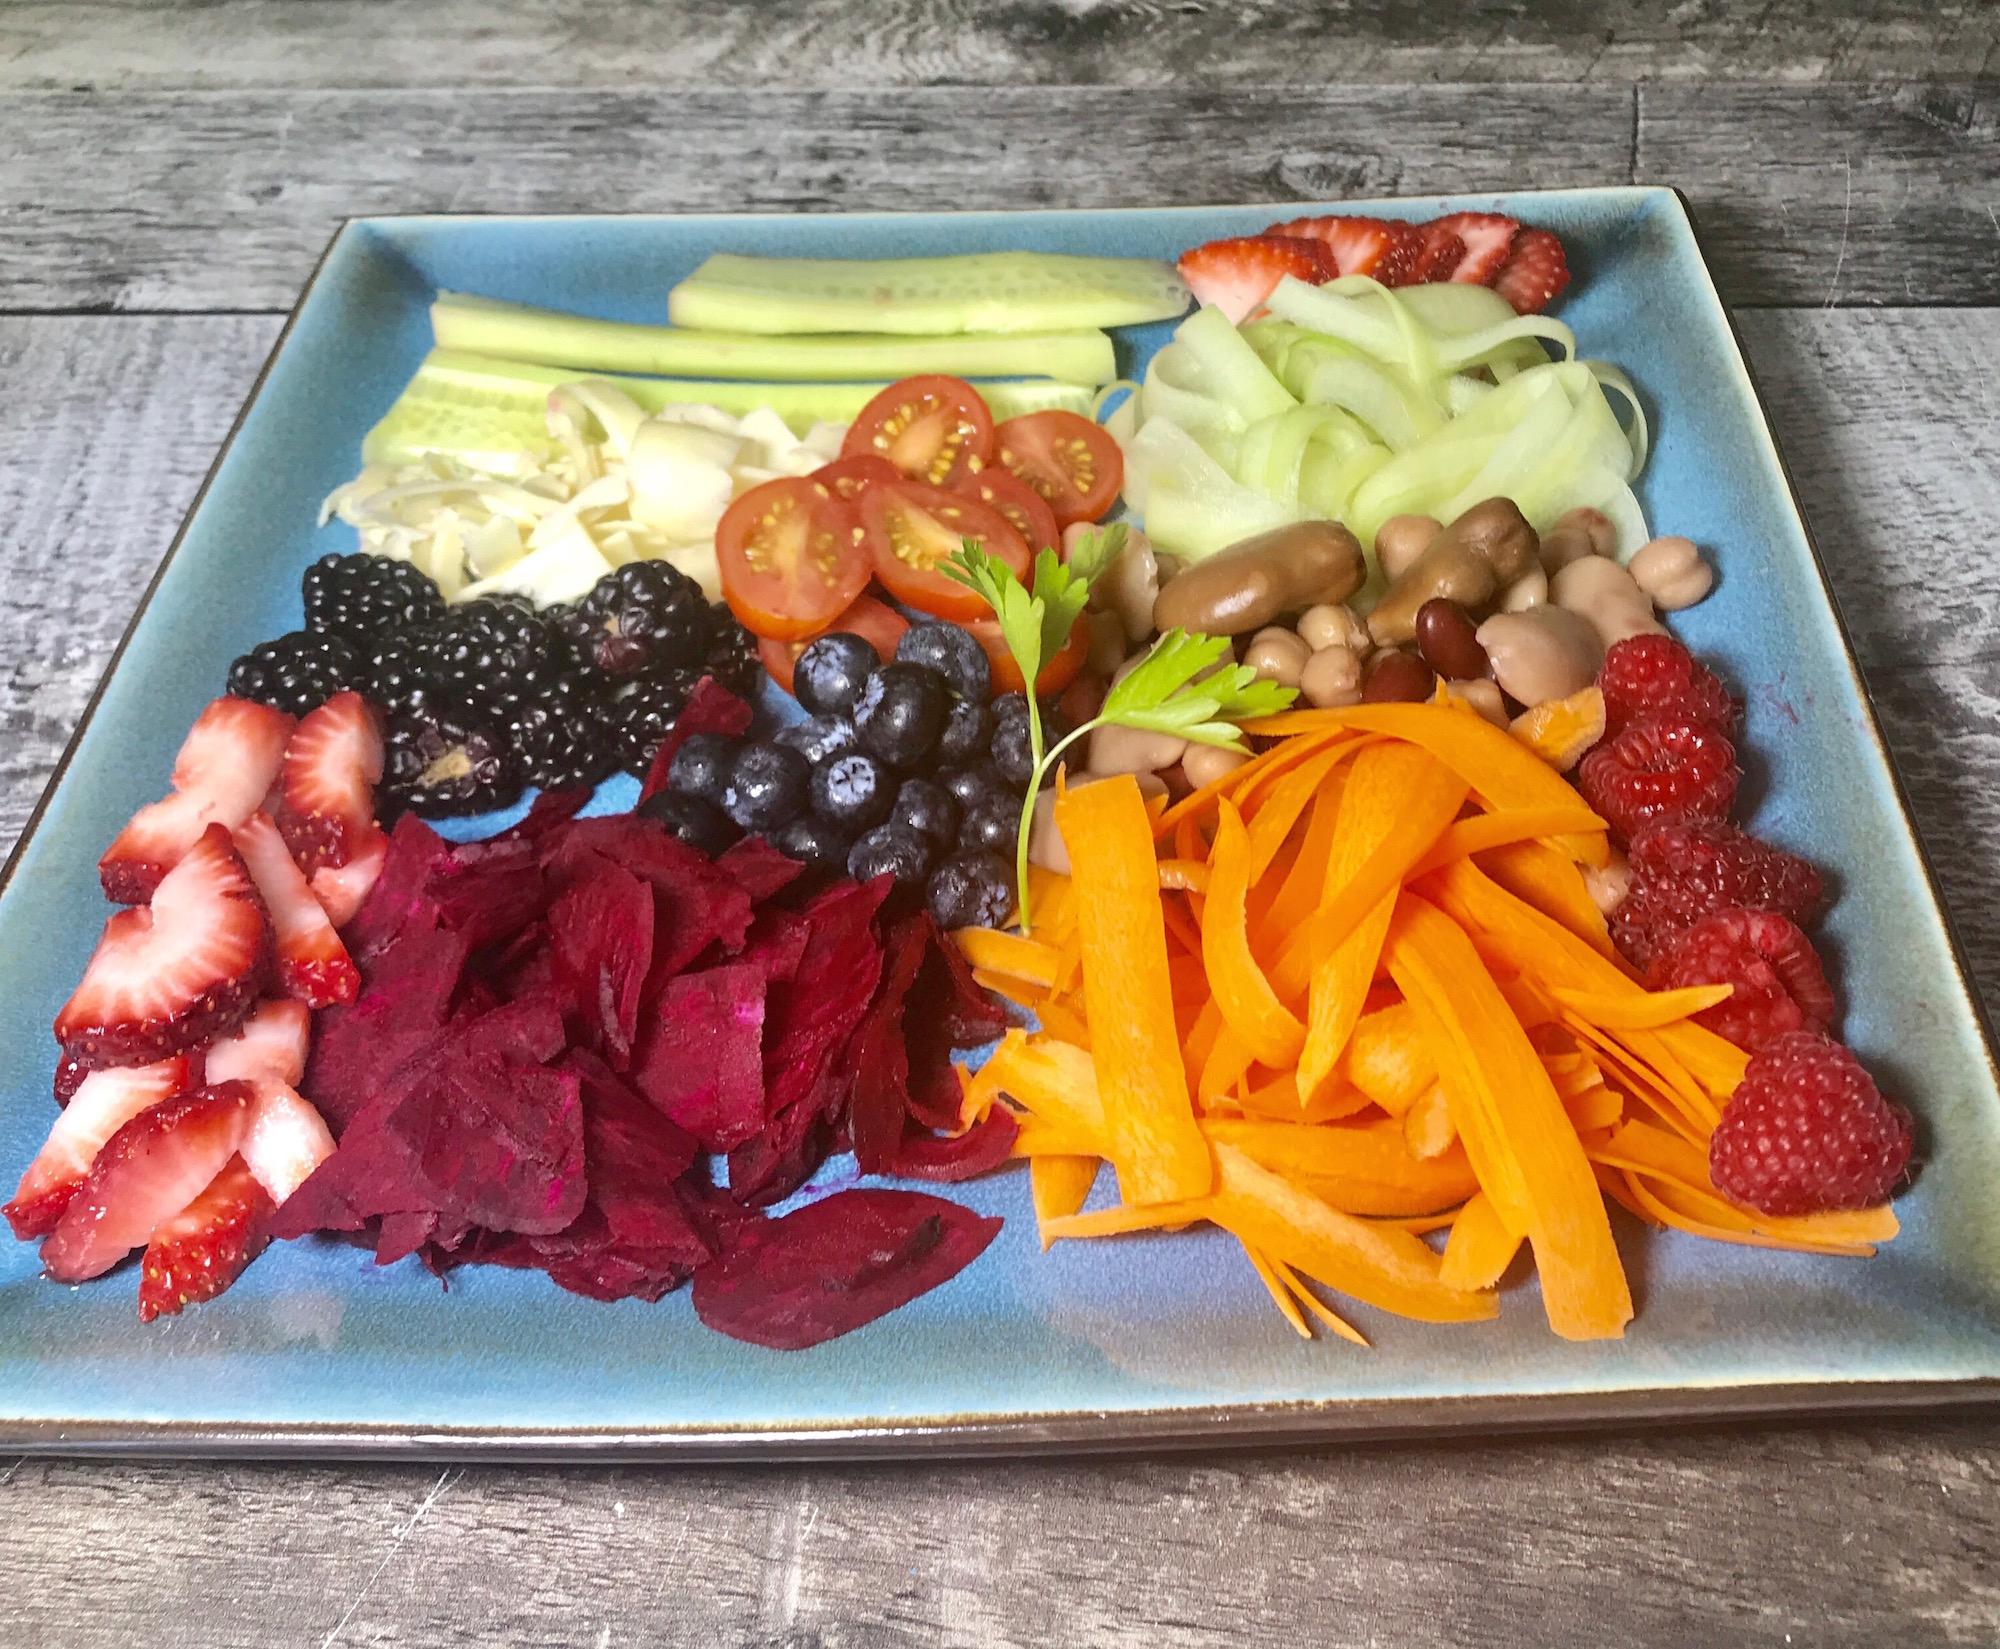 Photo Recette Salade Santé Savoureuse Fruits et Légumes avec Légumineuses